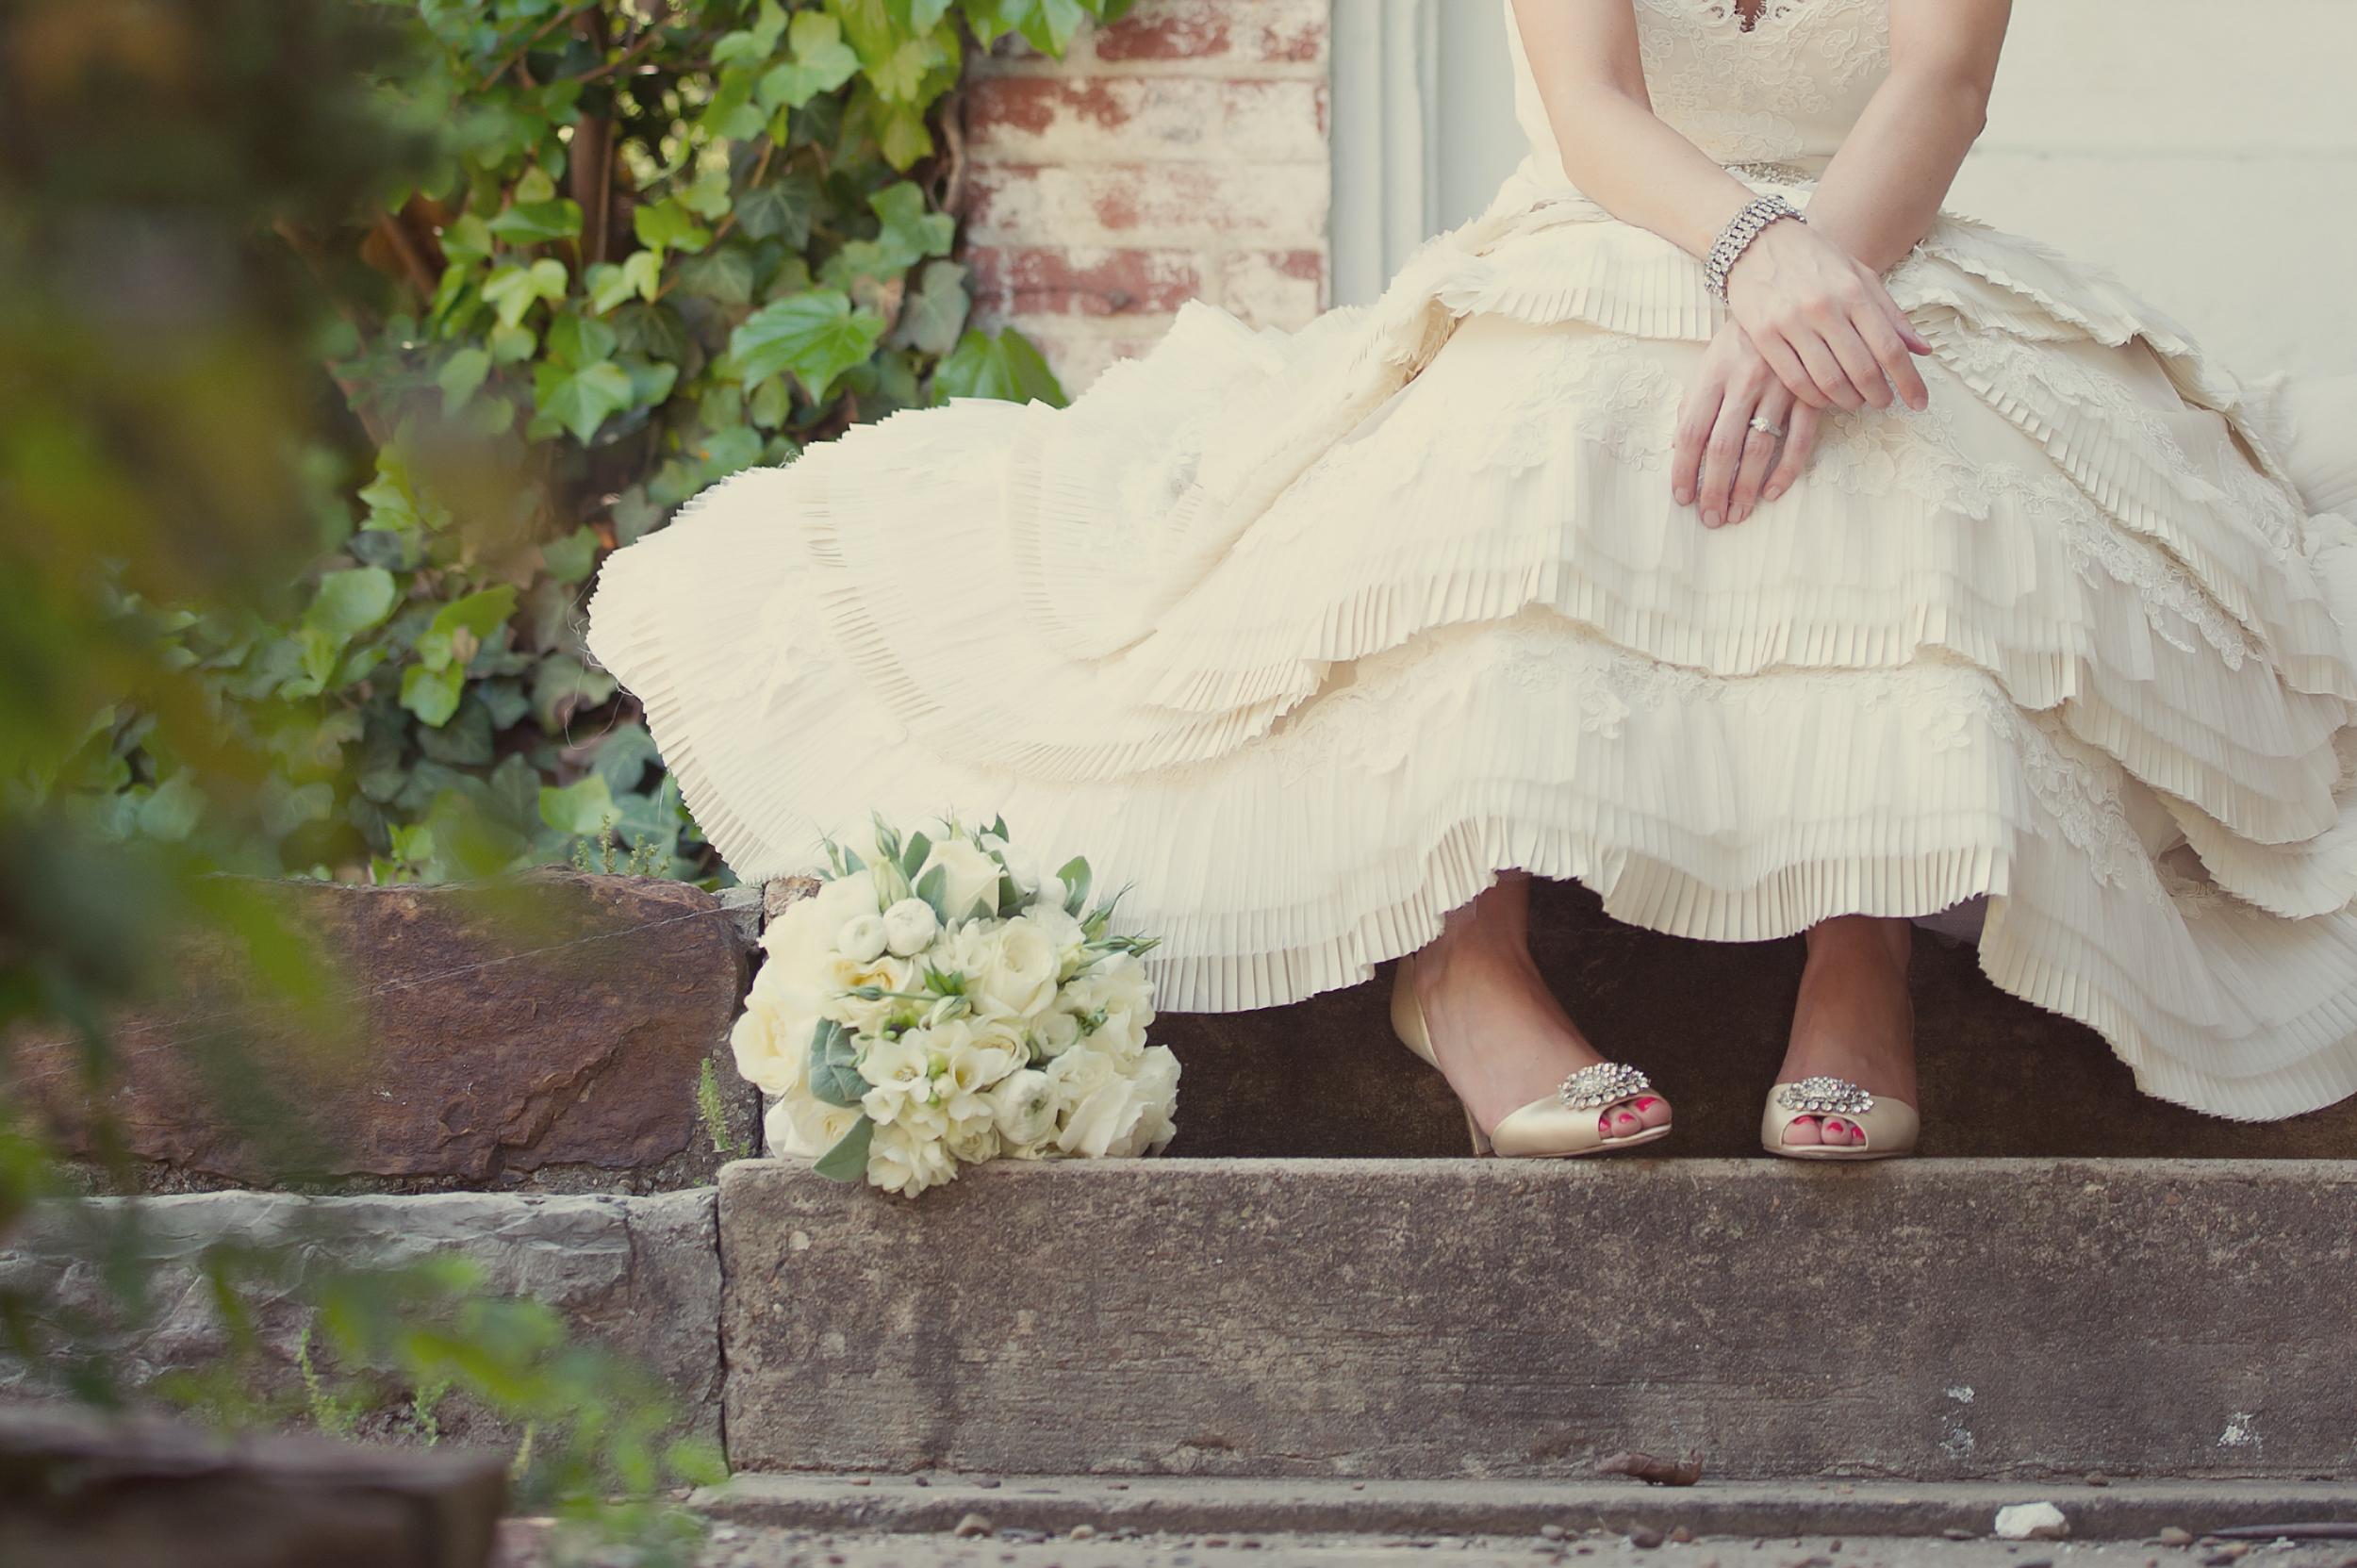 bridals©2015mileswittboyer-4.jpg